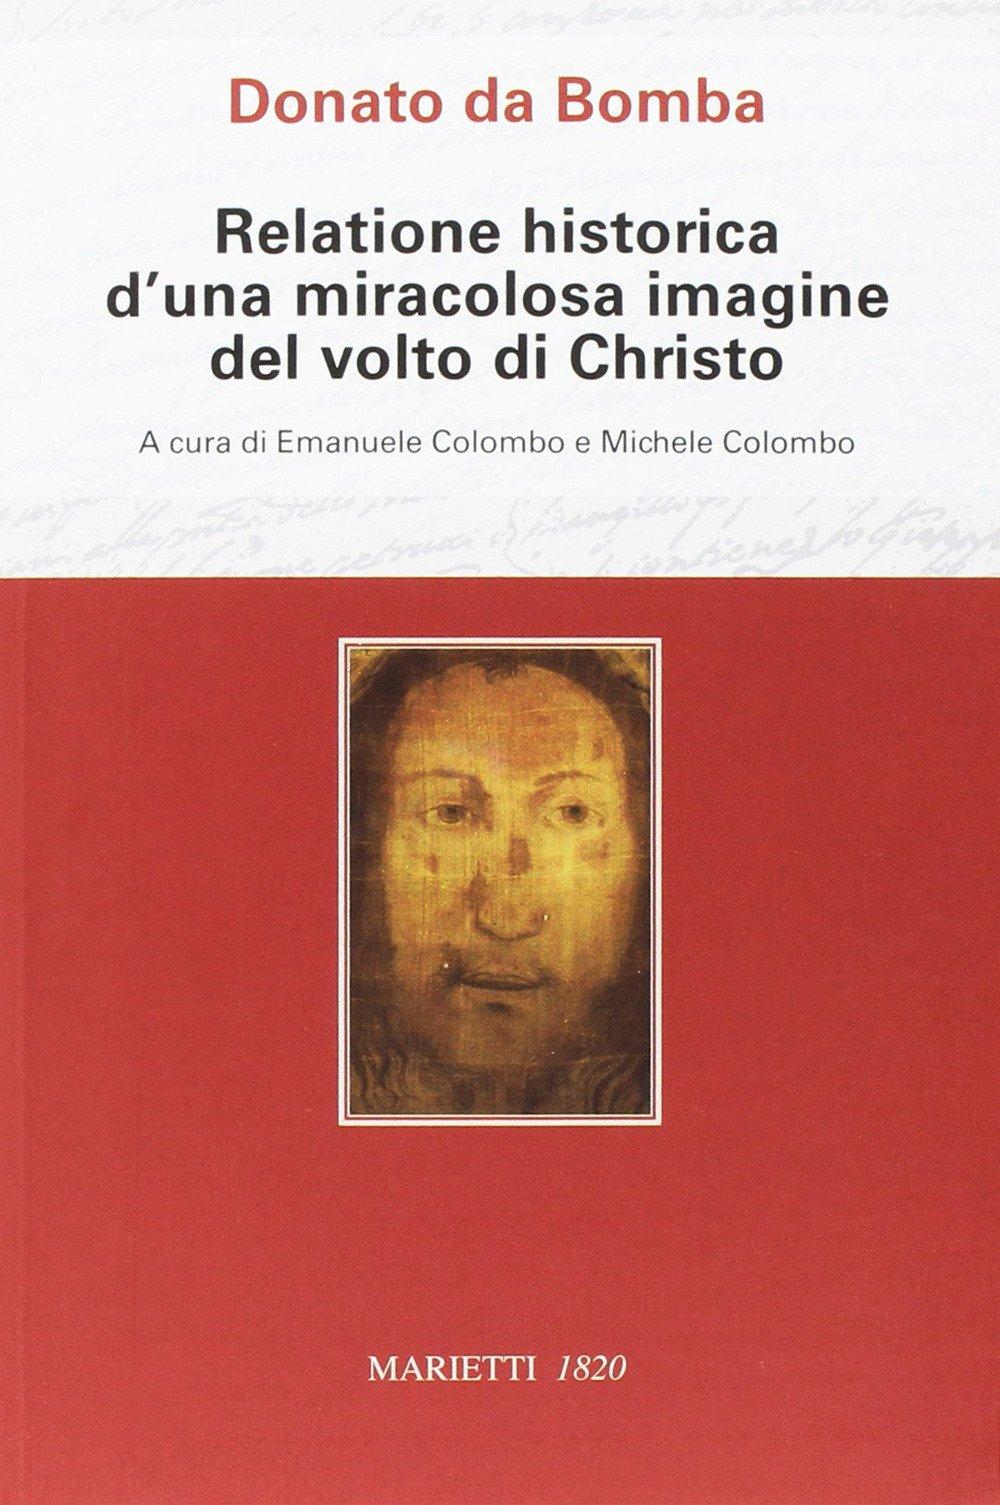 Donato da Bomba. Relatione historica d'una miracolosa immagine del volto di Christo